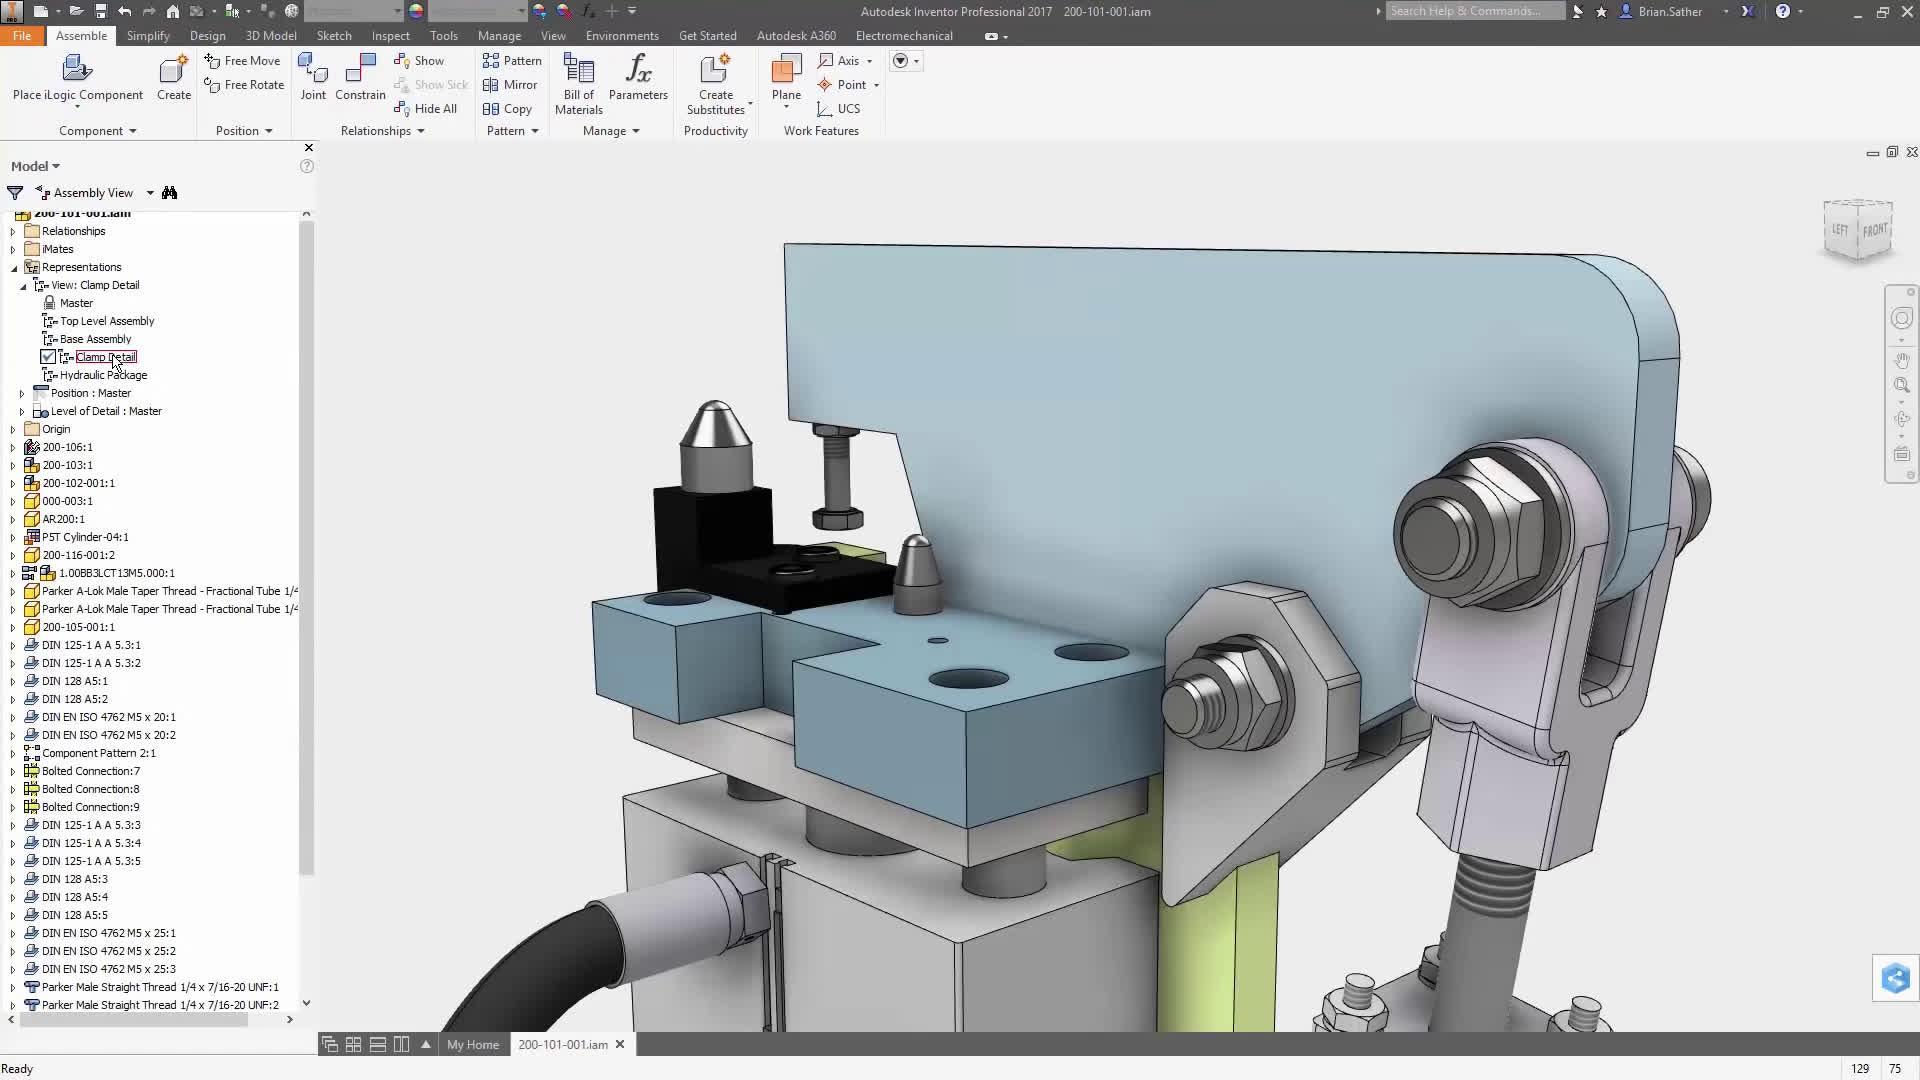 inventor三维智能设计在非标机械设计、制造过程中的应用与实践